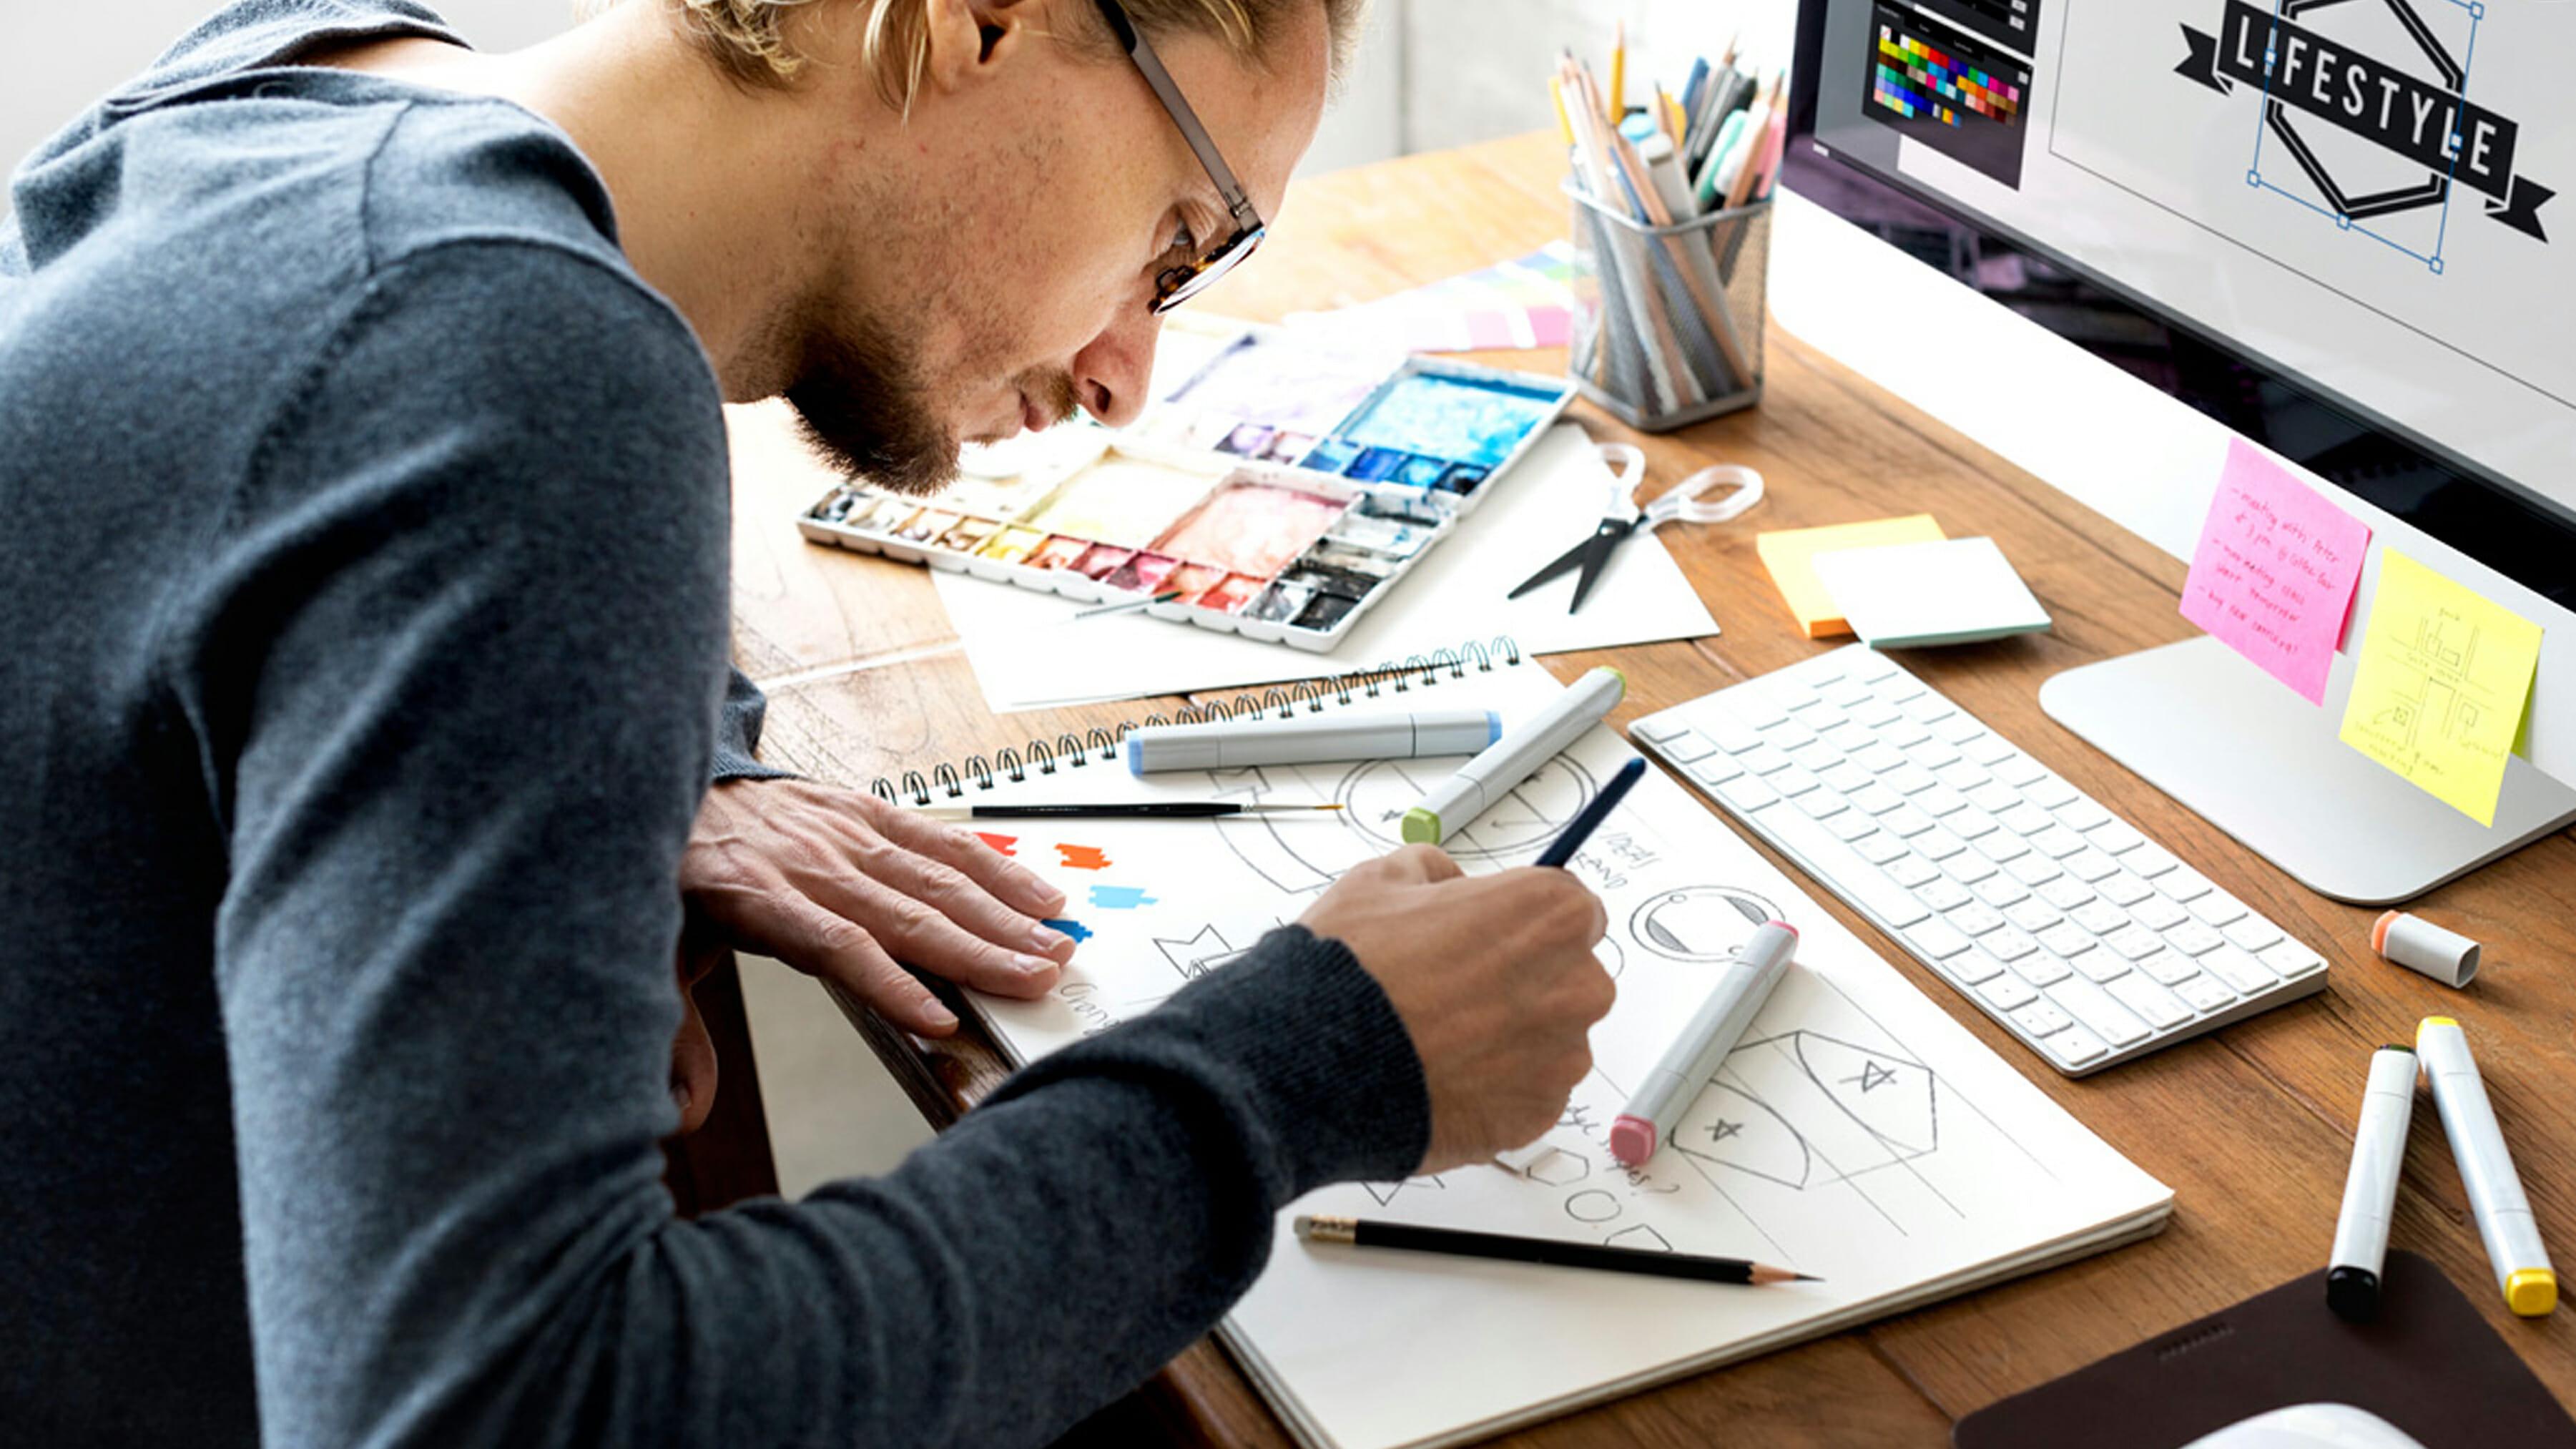 Imagenes de Blog Innova 001 - ¿Necesitas un Diseñador Gráfico?